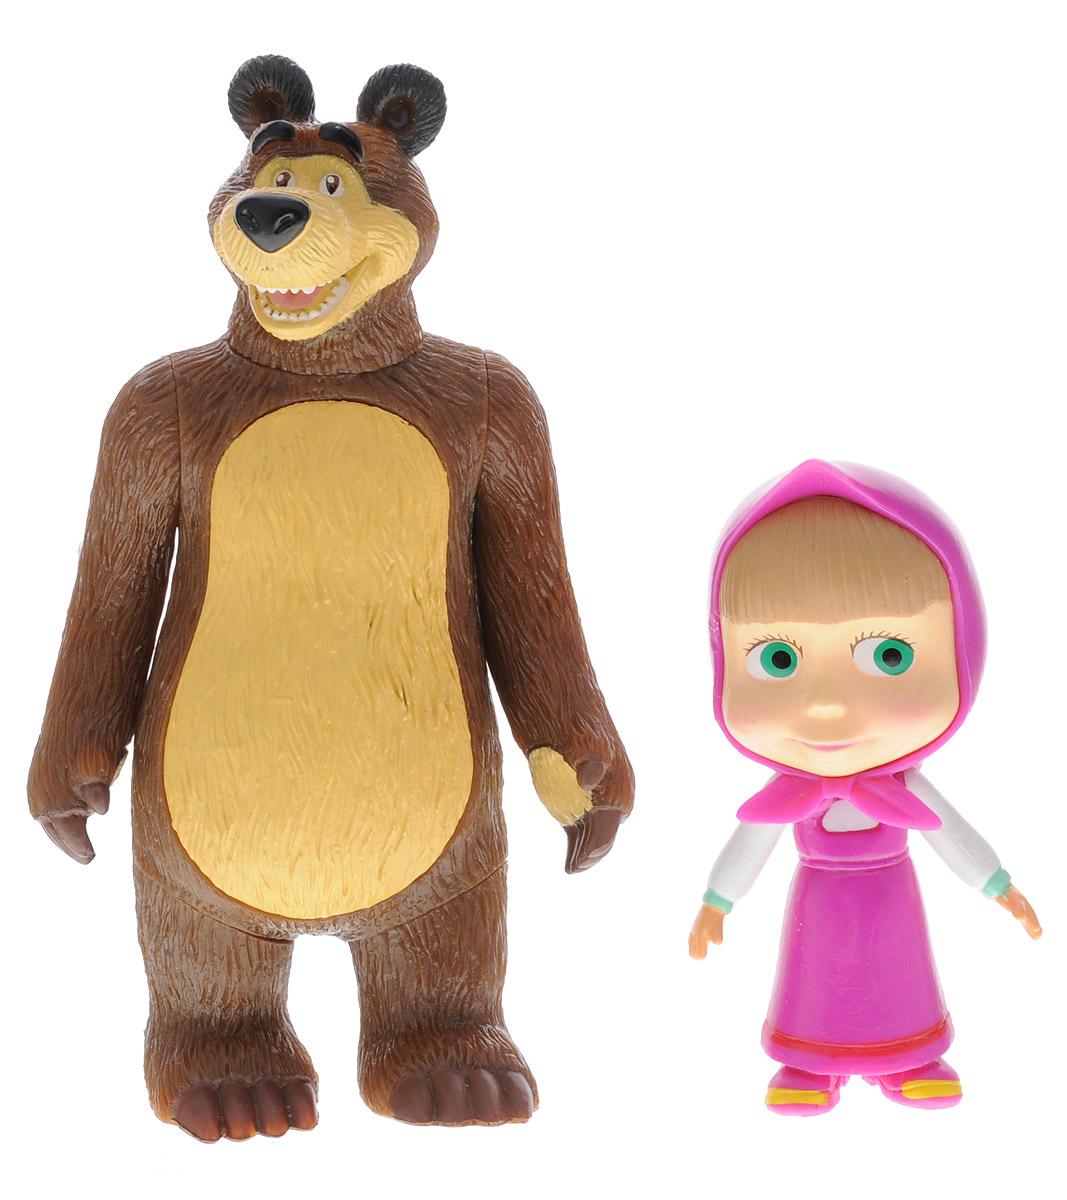 Играем вместе Набор фигурок Маша и МедведьF-20RНабор фигурок Играем вместе Маша и Медведь - это отличный подарок для маленьких поклонников мультфильма Маша и Медведь. Фигурки выполнены из высококачественного и безопасного материала, яркие краски повторяют дизайн персонажей мультфильма Маша и Медведь. Фигурки небольшого размера, удобно помещаются в руке ребенка. У обеих игрушек крутятся ручки и голова. Яркие и забавные фигурки непременно станут любимыми игрушками малыша, он сможет часами играть с ними, придумывая и разыгрывая различные истории или сюжеты из мультфильма.